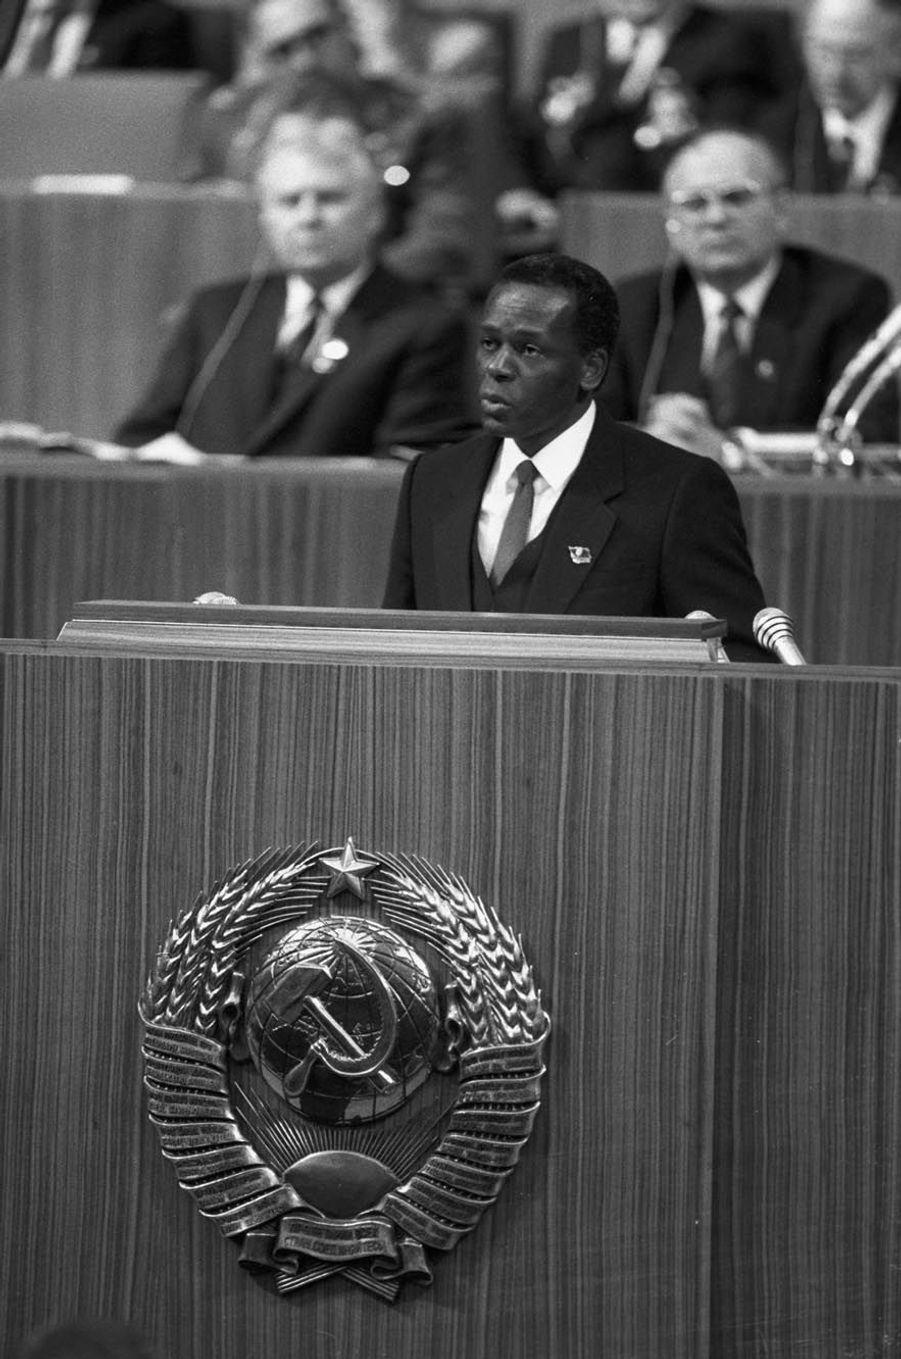 José Eduardo dos Santos s'adressant au 27e Congrès du Parti communiste soviétique à Moscou en 1983